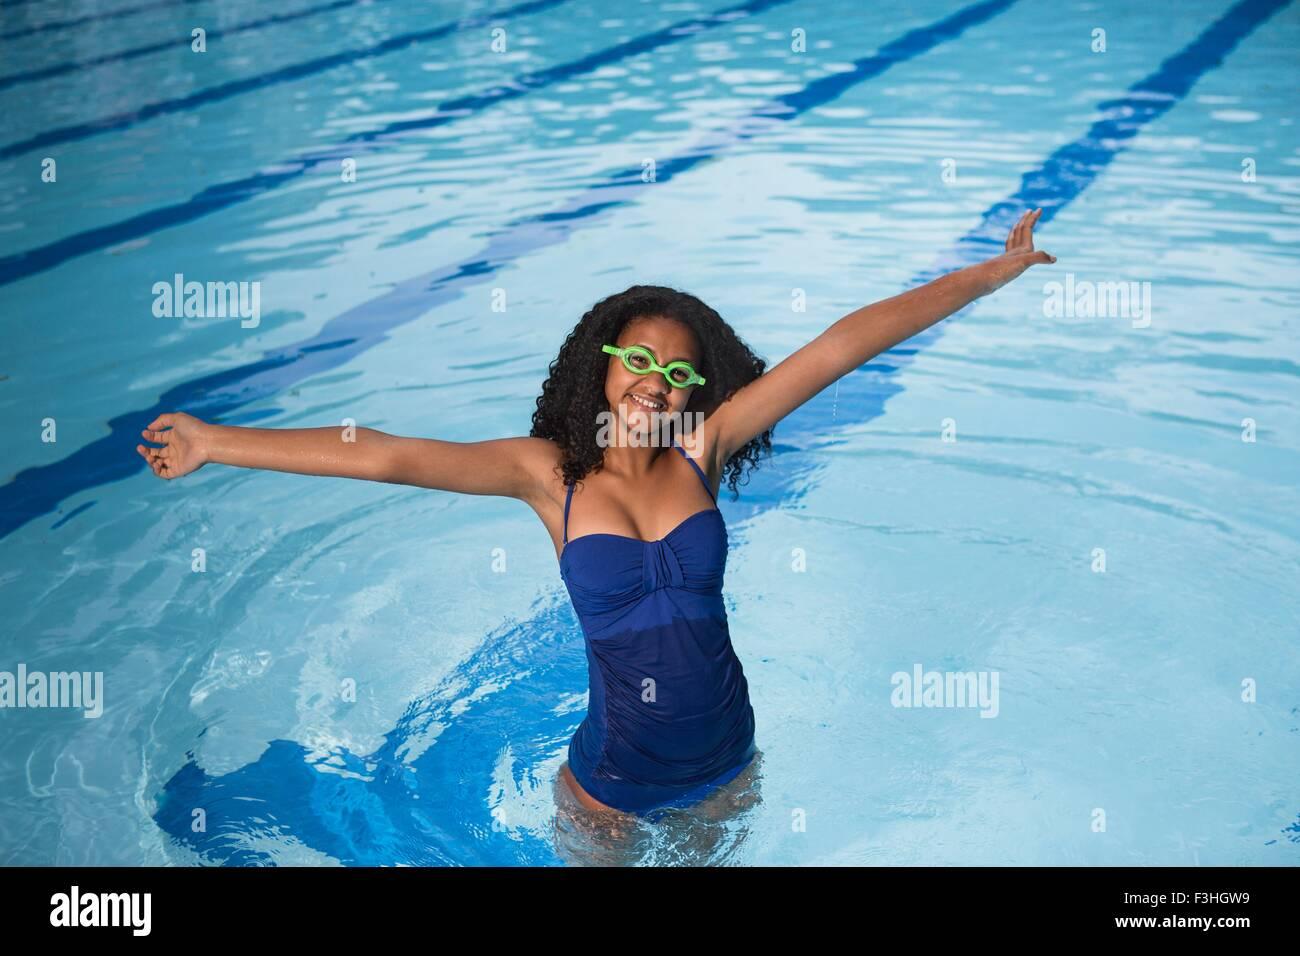 Retrato de niña de pie en la piscina llevar gafas de natación, con los brazos en alto, mirando a la cámara Imagen De Stock